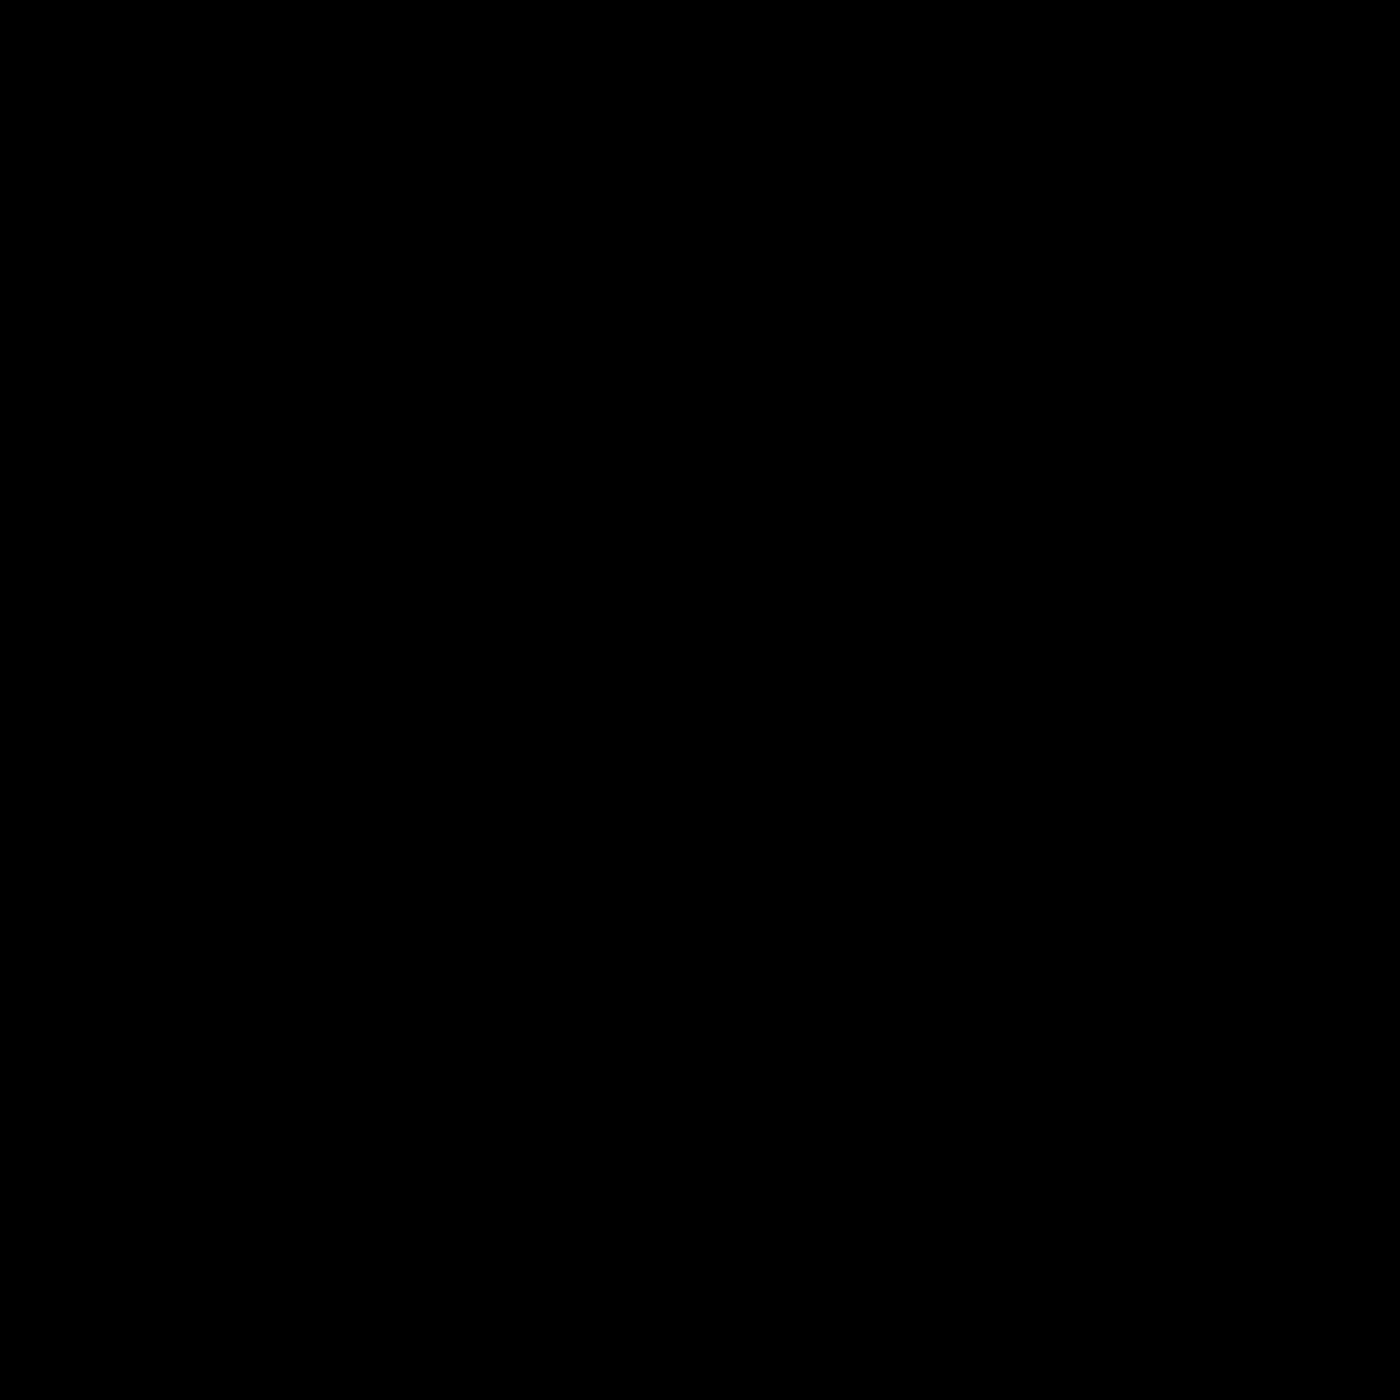 1400x1400 Pixilart